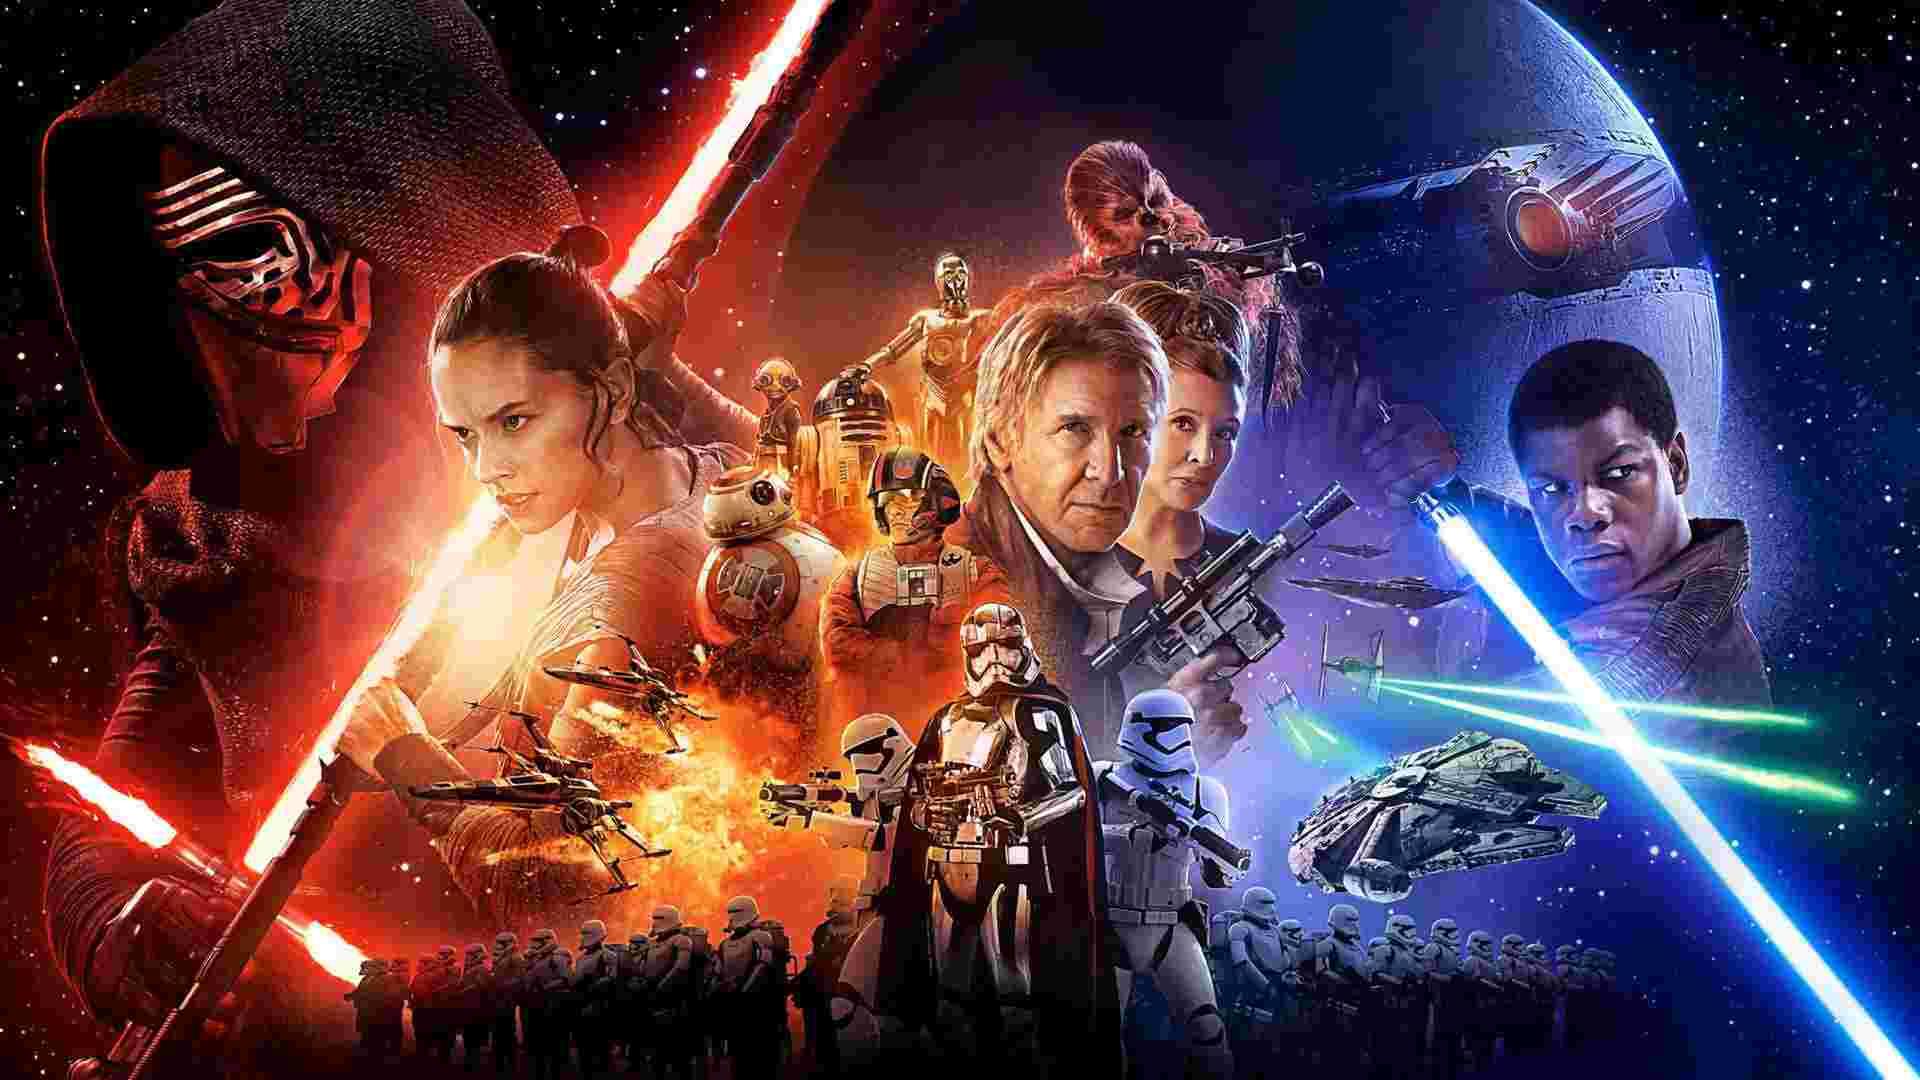 Огляд фільму Зоряні війни: Пробудження сили